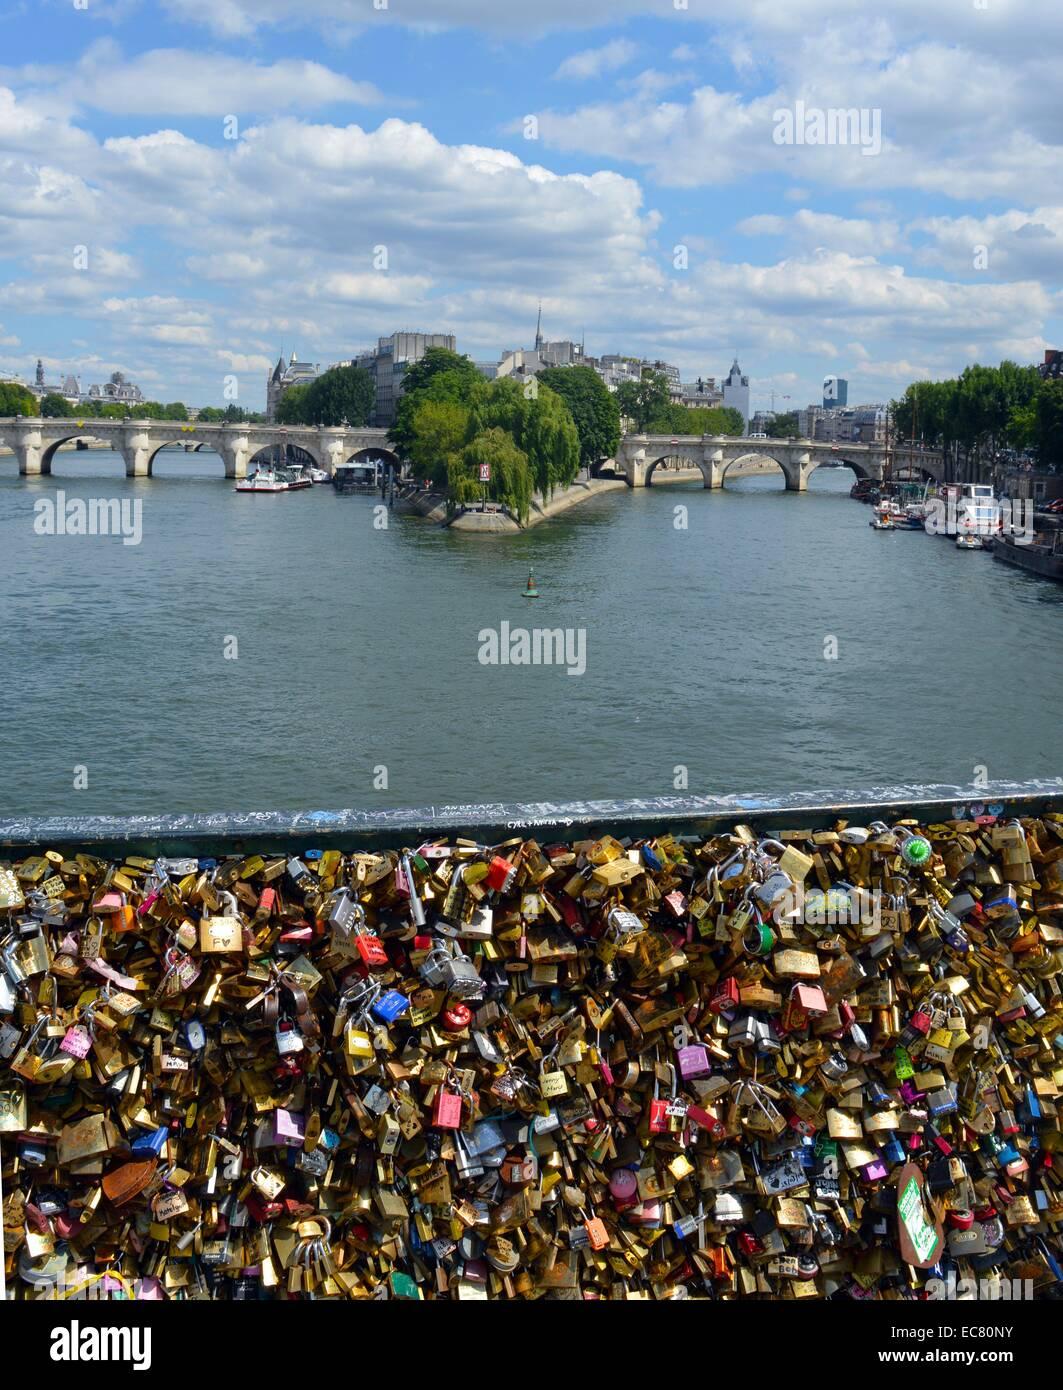 Photograph of the Pont des Arts Bridge - Stock Image